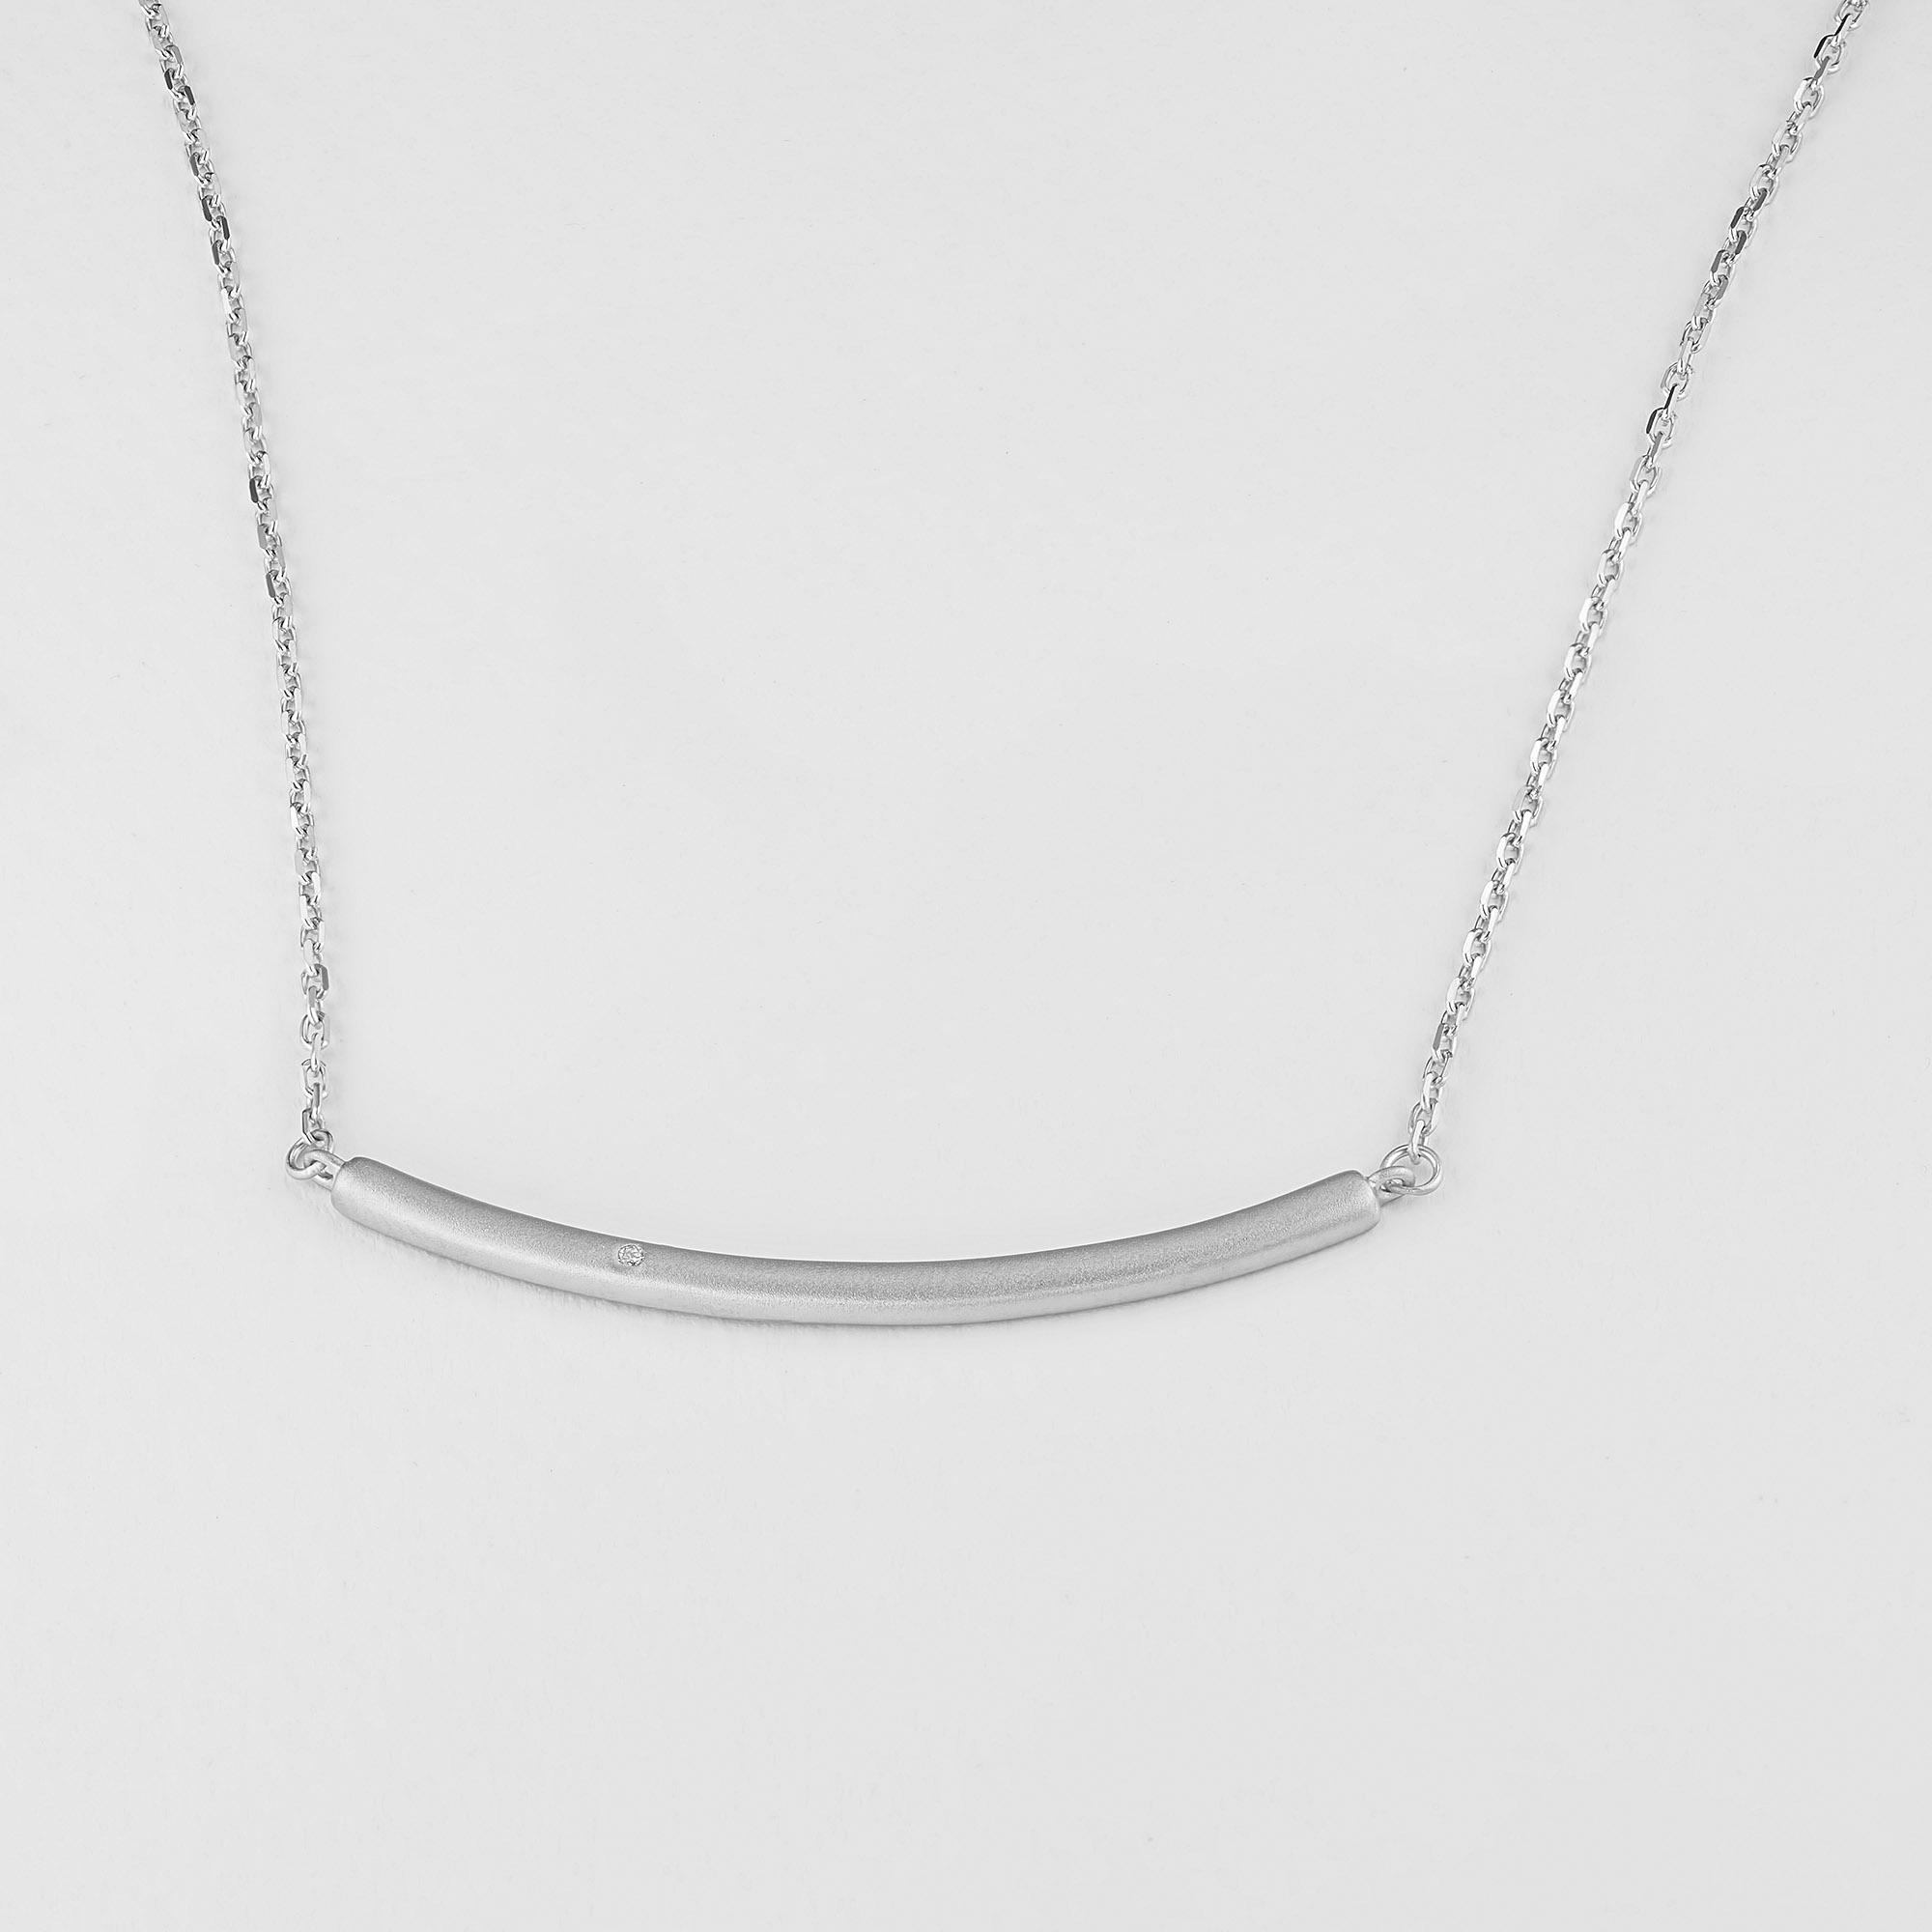 Колье из серебра с бриллиантом э1701кл11181300